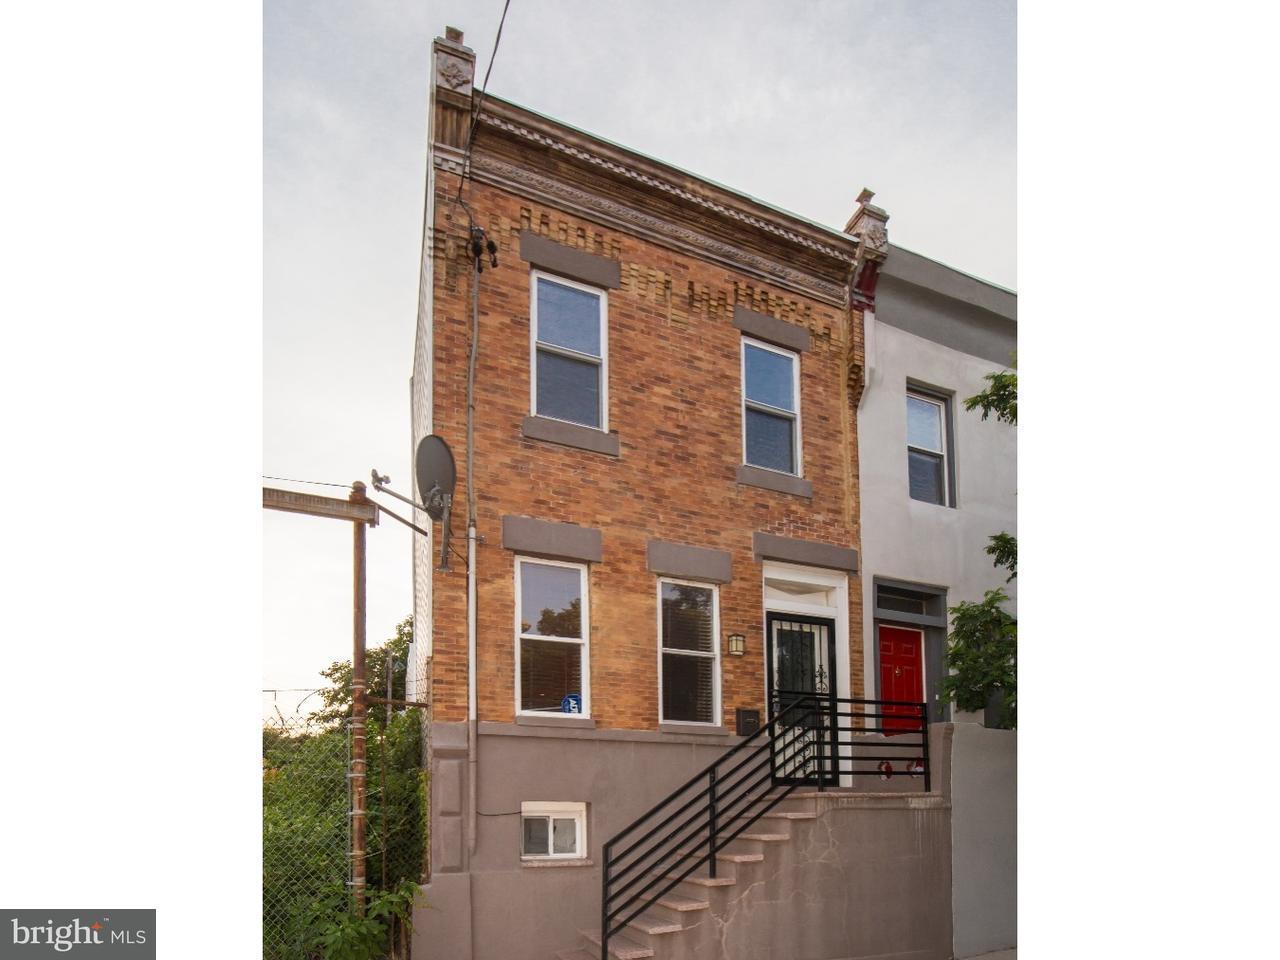 Σπίτι στην πόλη για την Πώληση στο 1024 S 25TH Street Philadelphia, Πενσιλβανια 19146 Ηνωμενεσ Πολιτειεσ